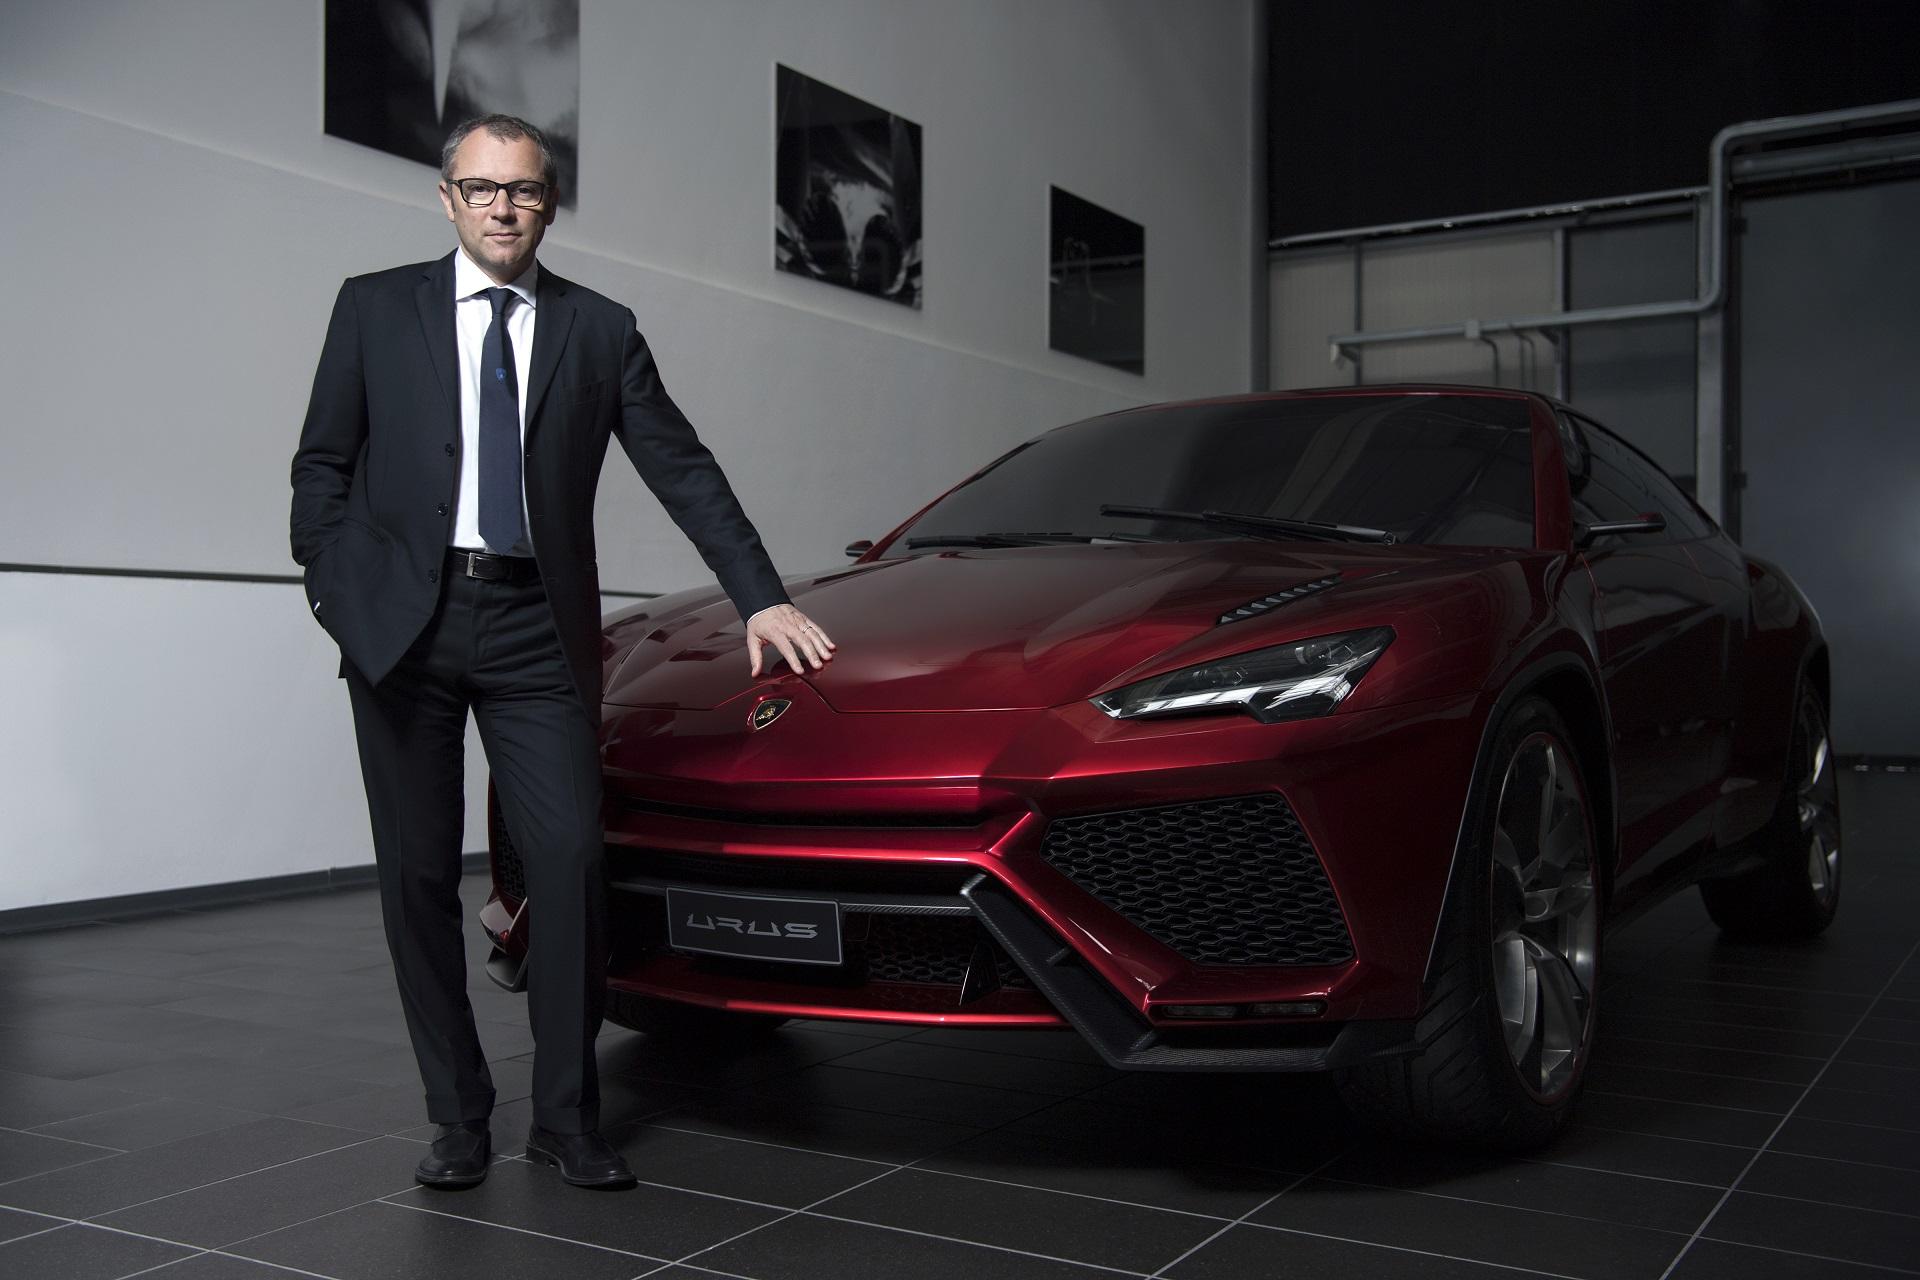 Председатель правления и генеральный директор Automobili Lamborghini Стефано Доменикали